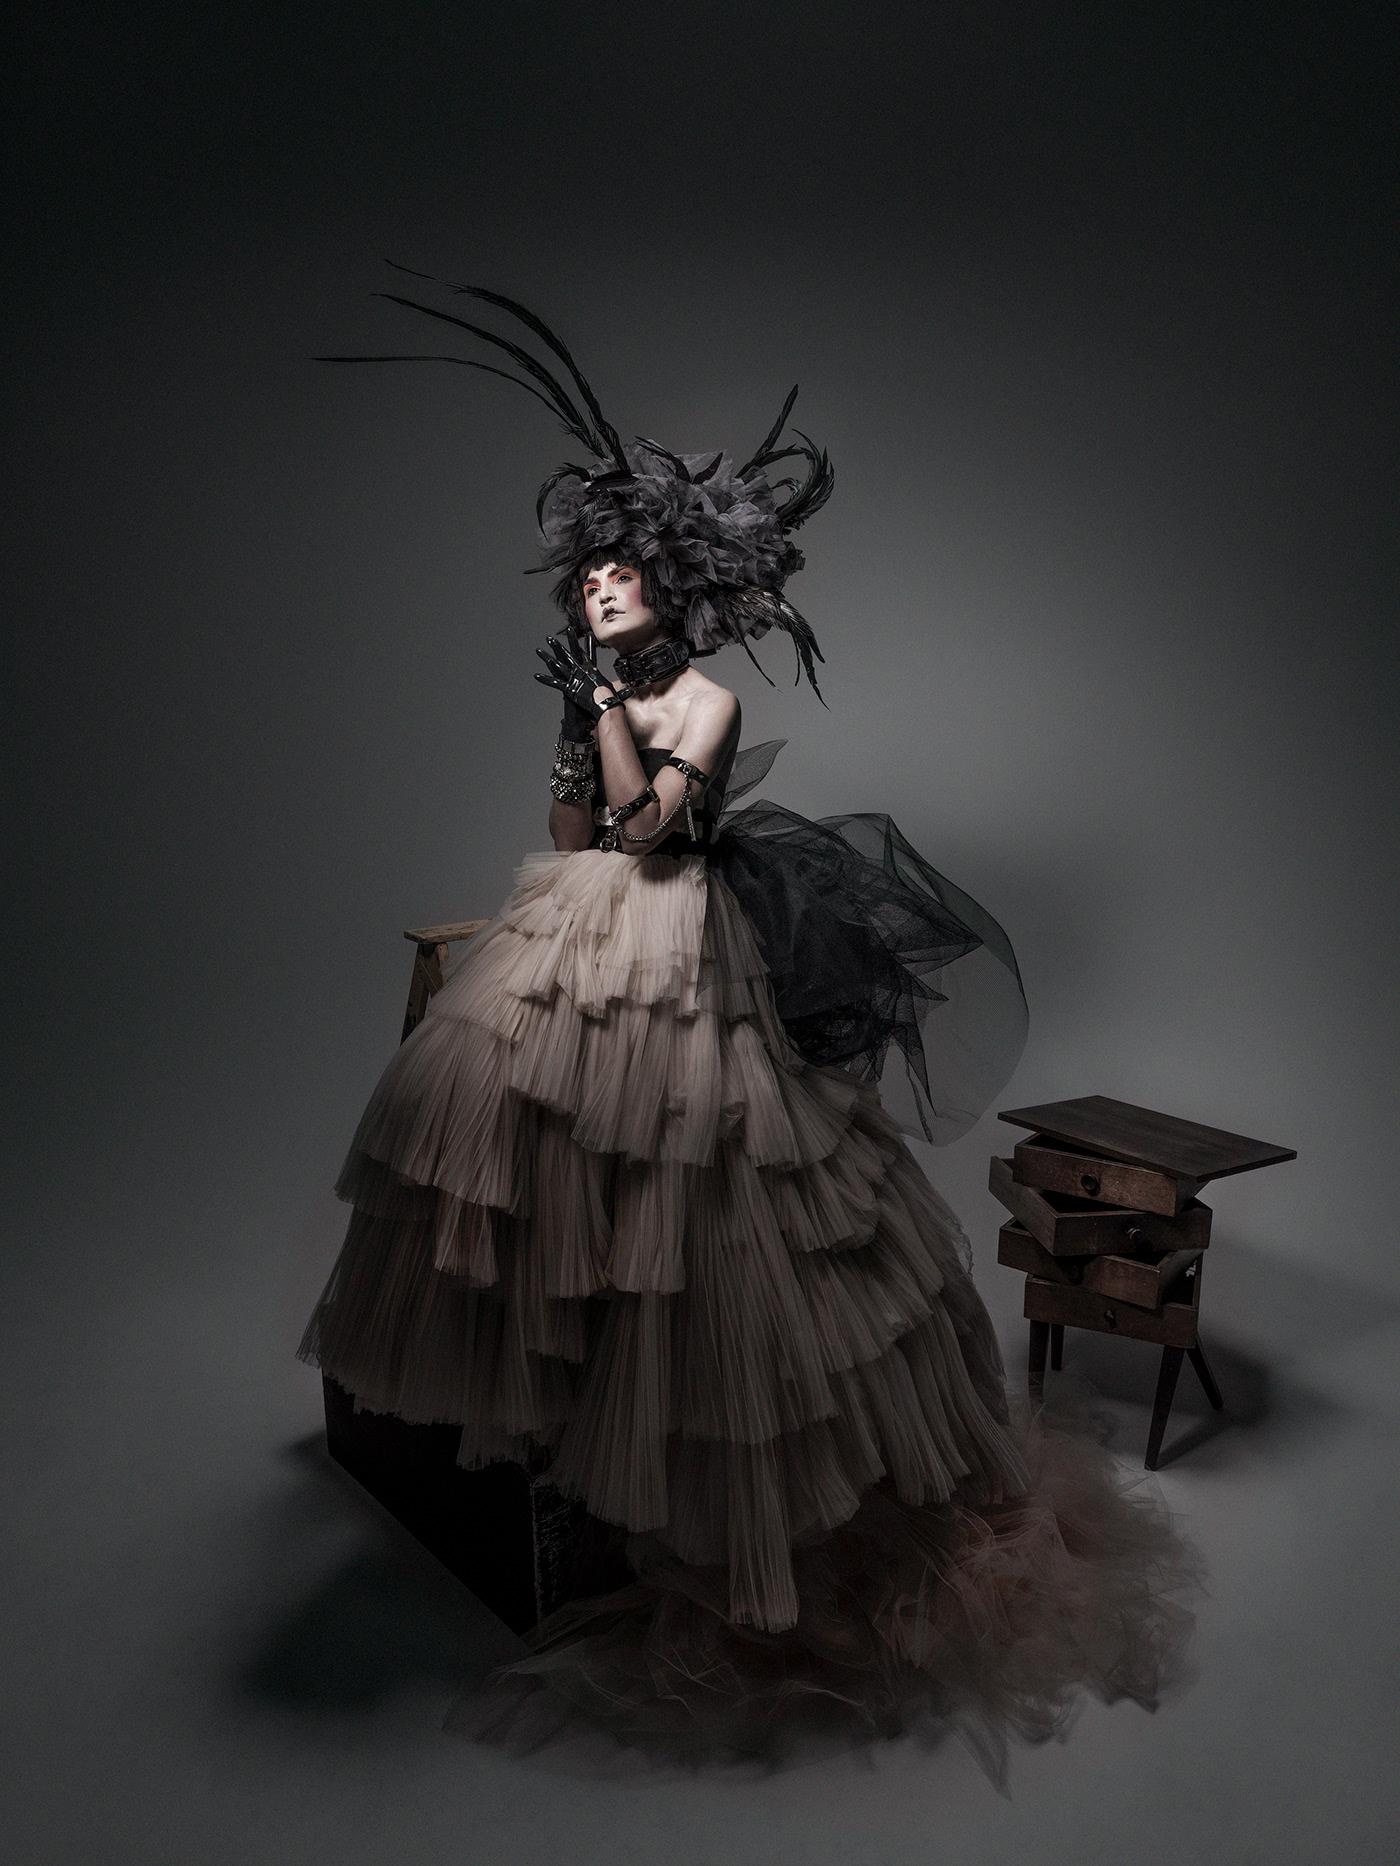 Ведьмы / фотограф Pedro Dimitrow